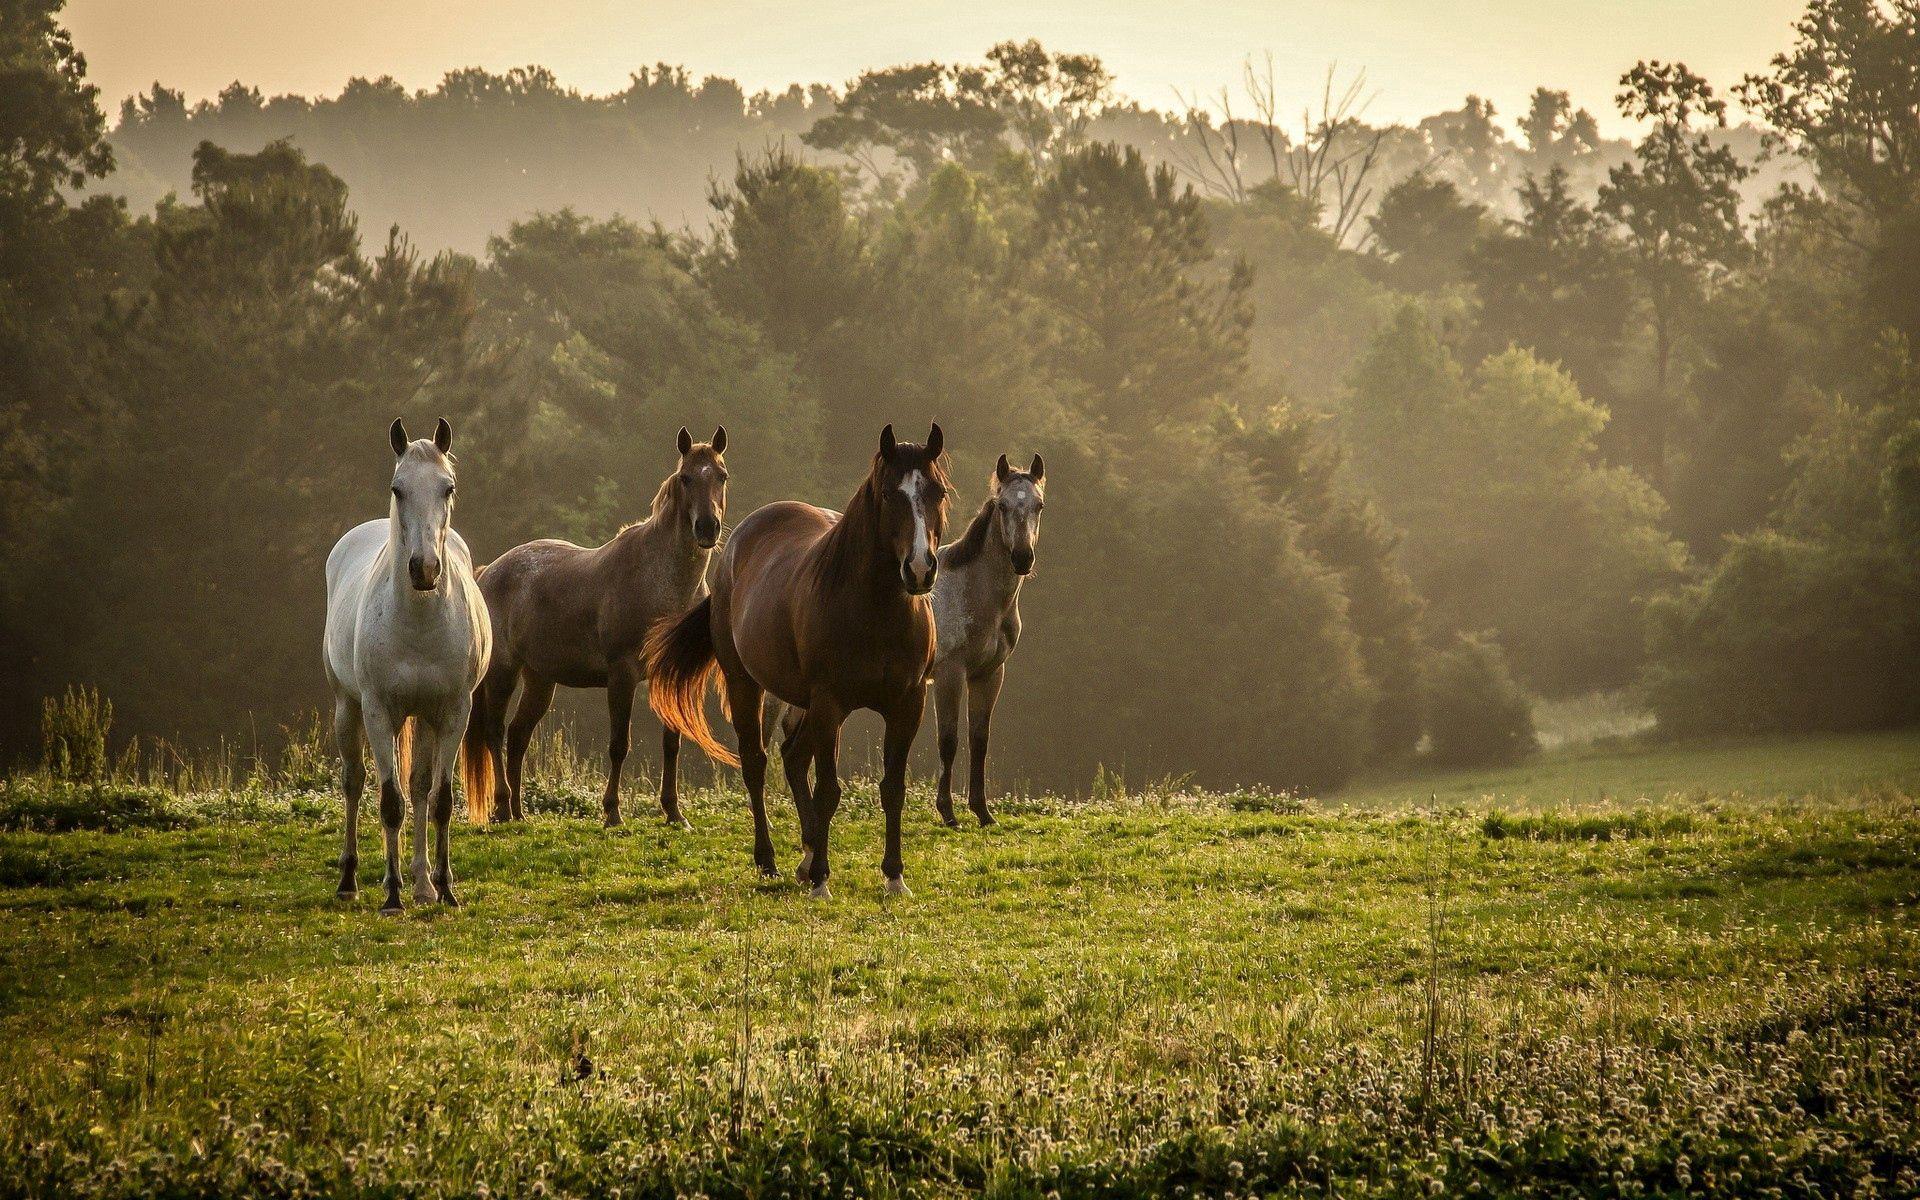 117981 скачать обои Животные, Лошади, Трава, Стадо, Прогулка, Деревья, Туман - заставки и картинки бесплатно